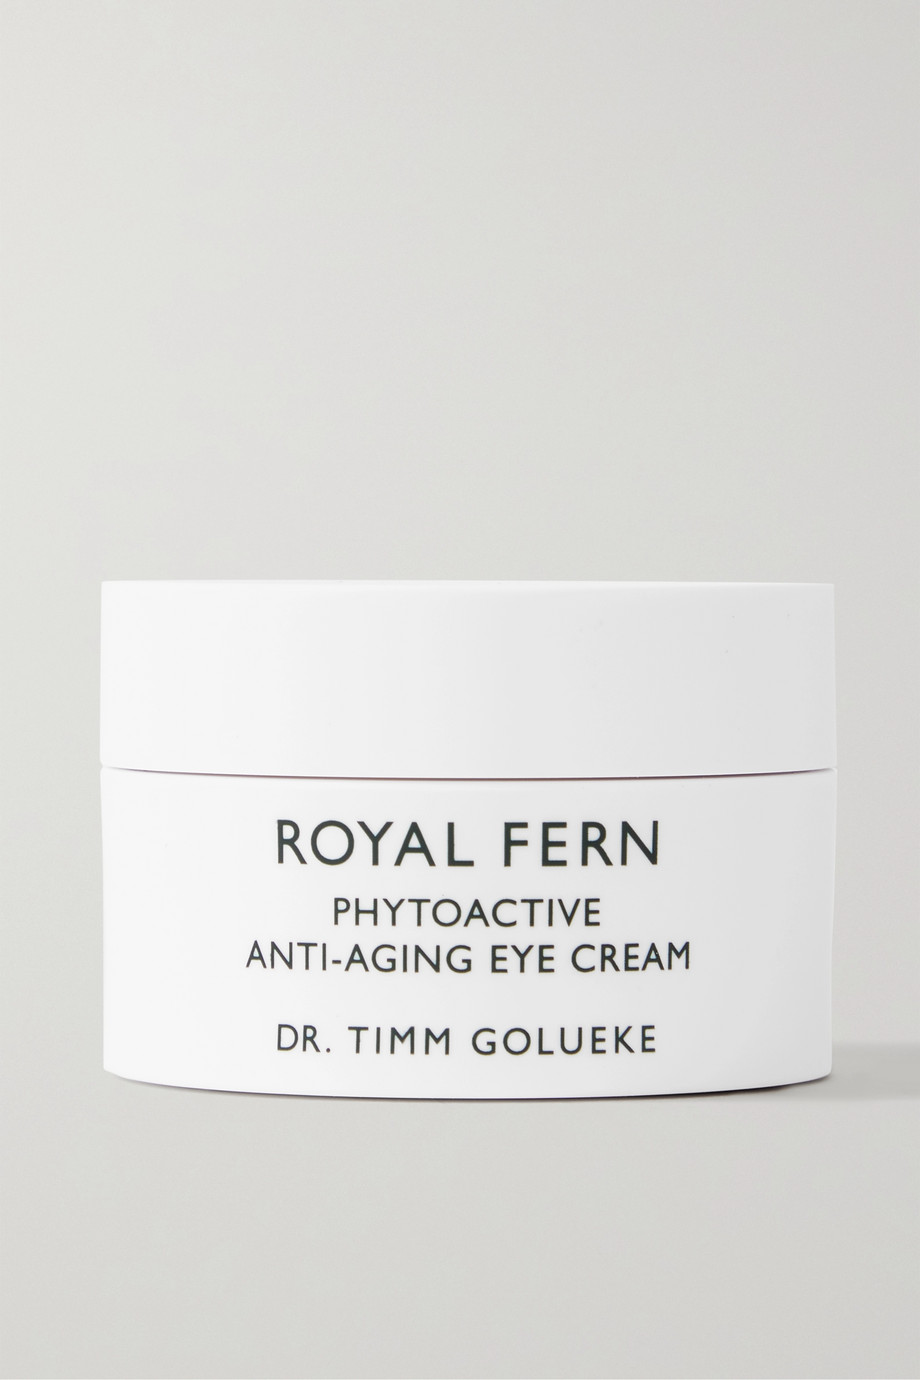 Royal Fern Phytoactive Anti-Aging Eye Cream, 15 ml – Augencreme